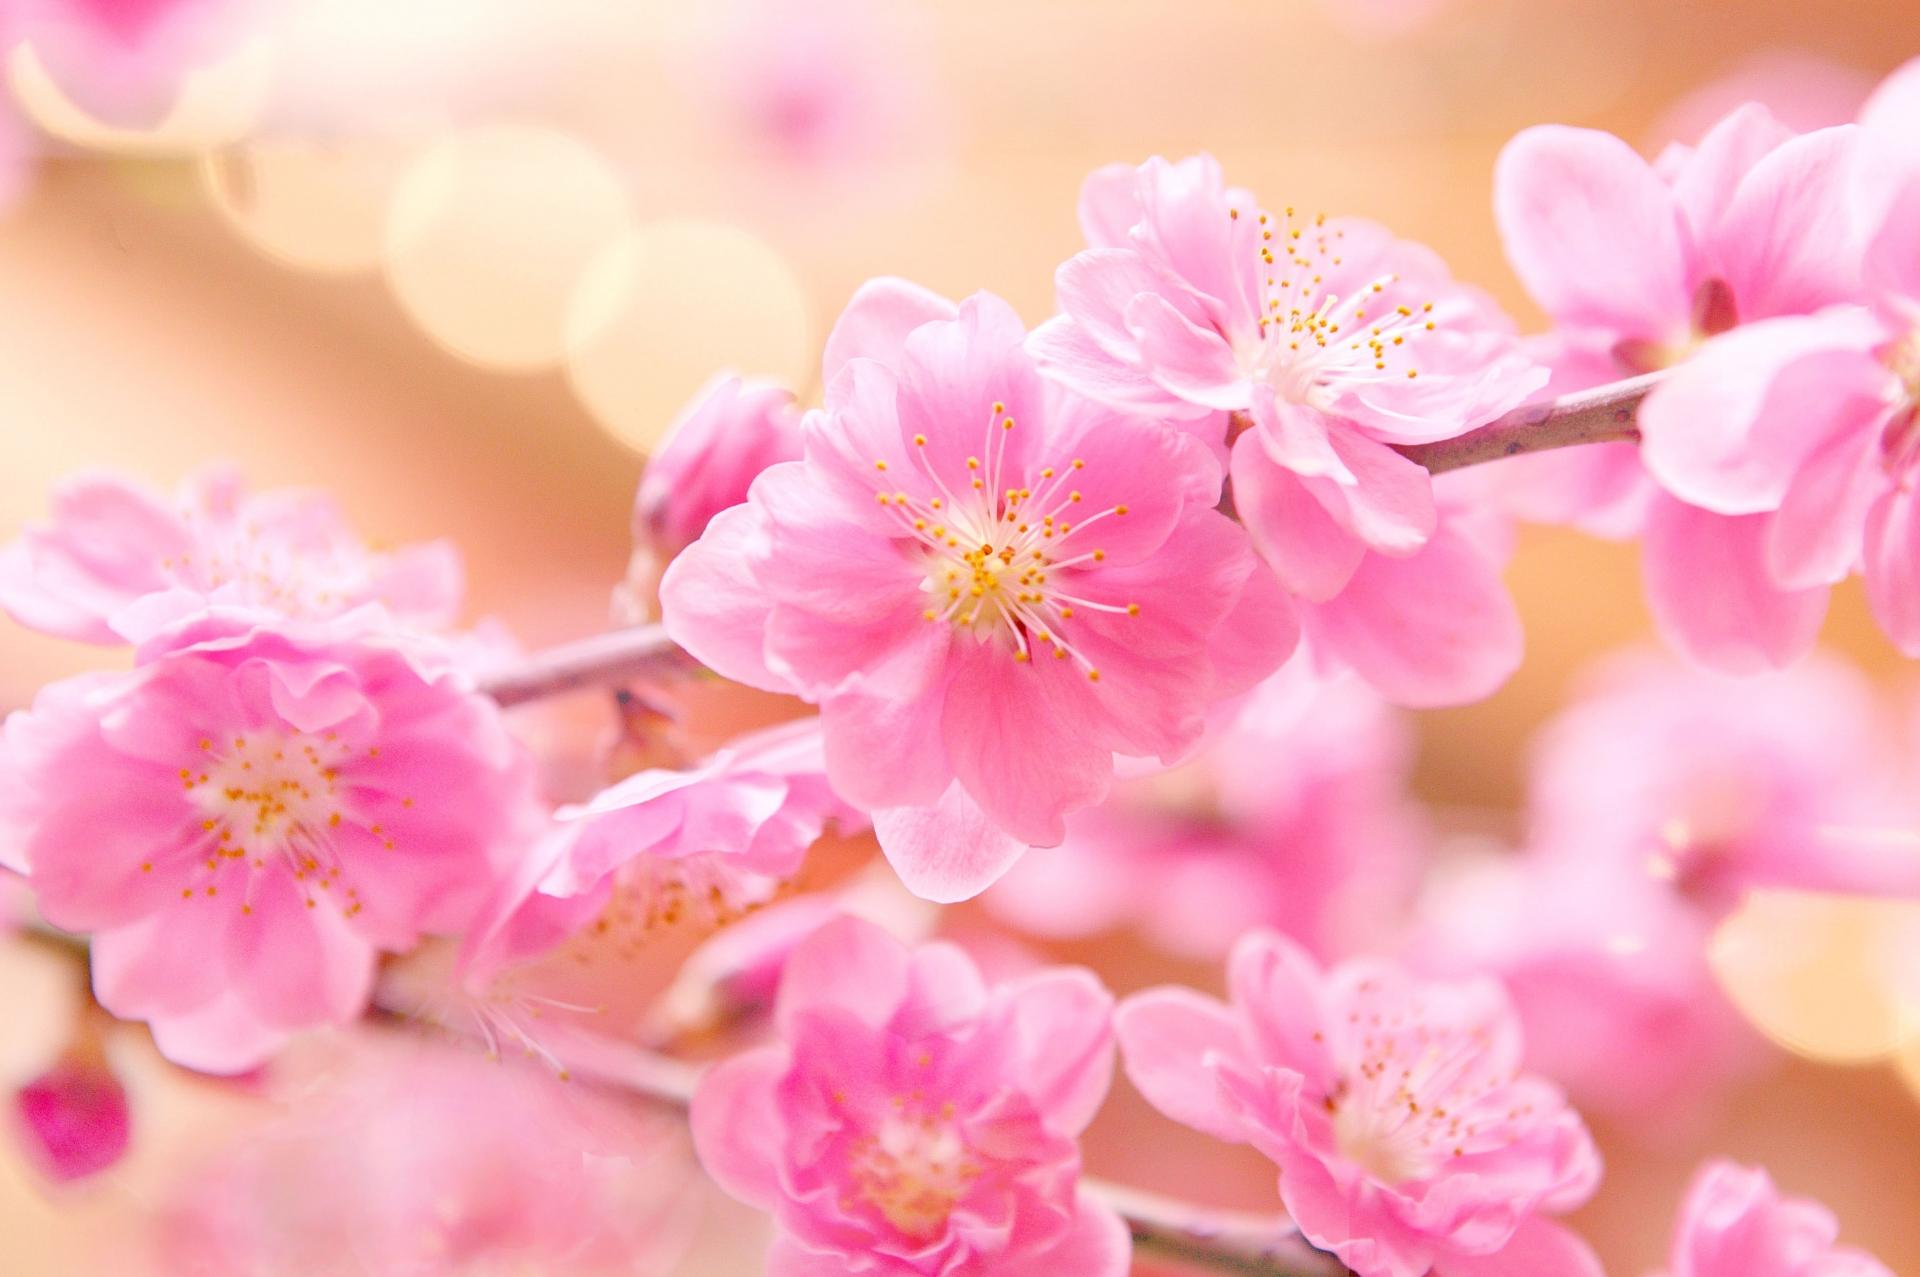 道 に で 下 園 ほふ 花 出 とめ 桃 立つ 紅 照る 春の に の を